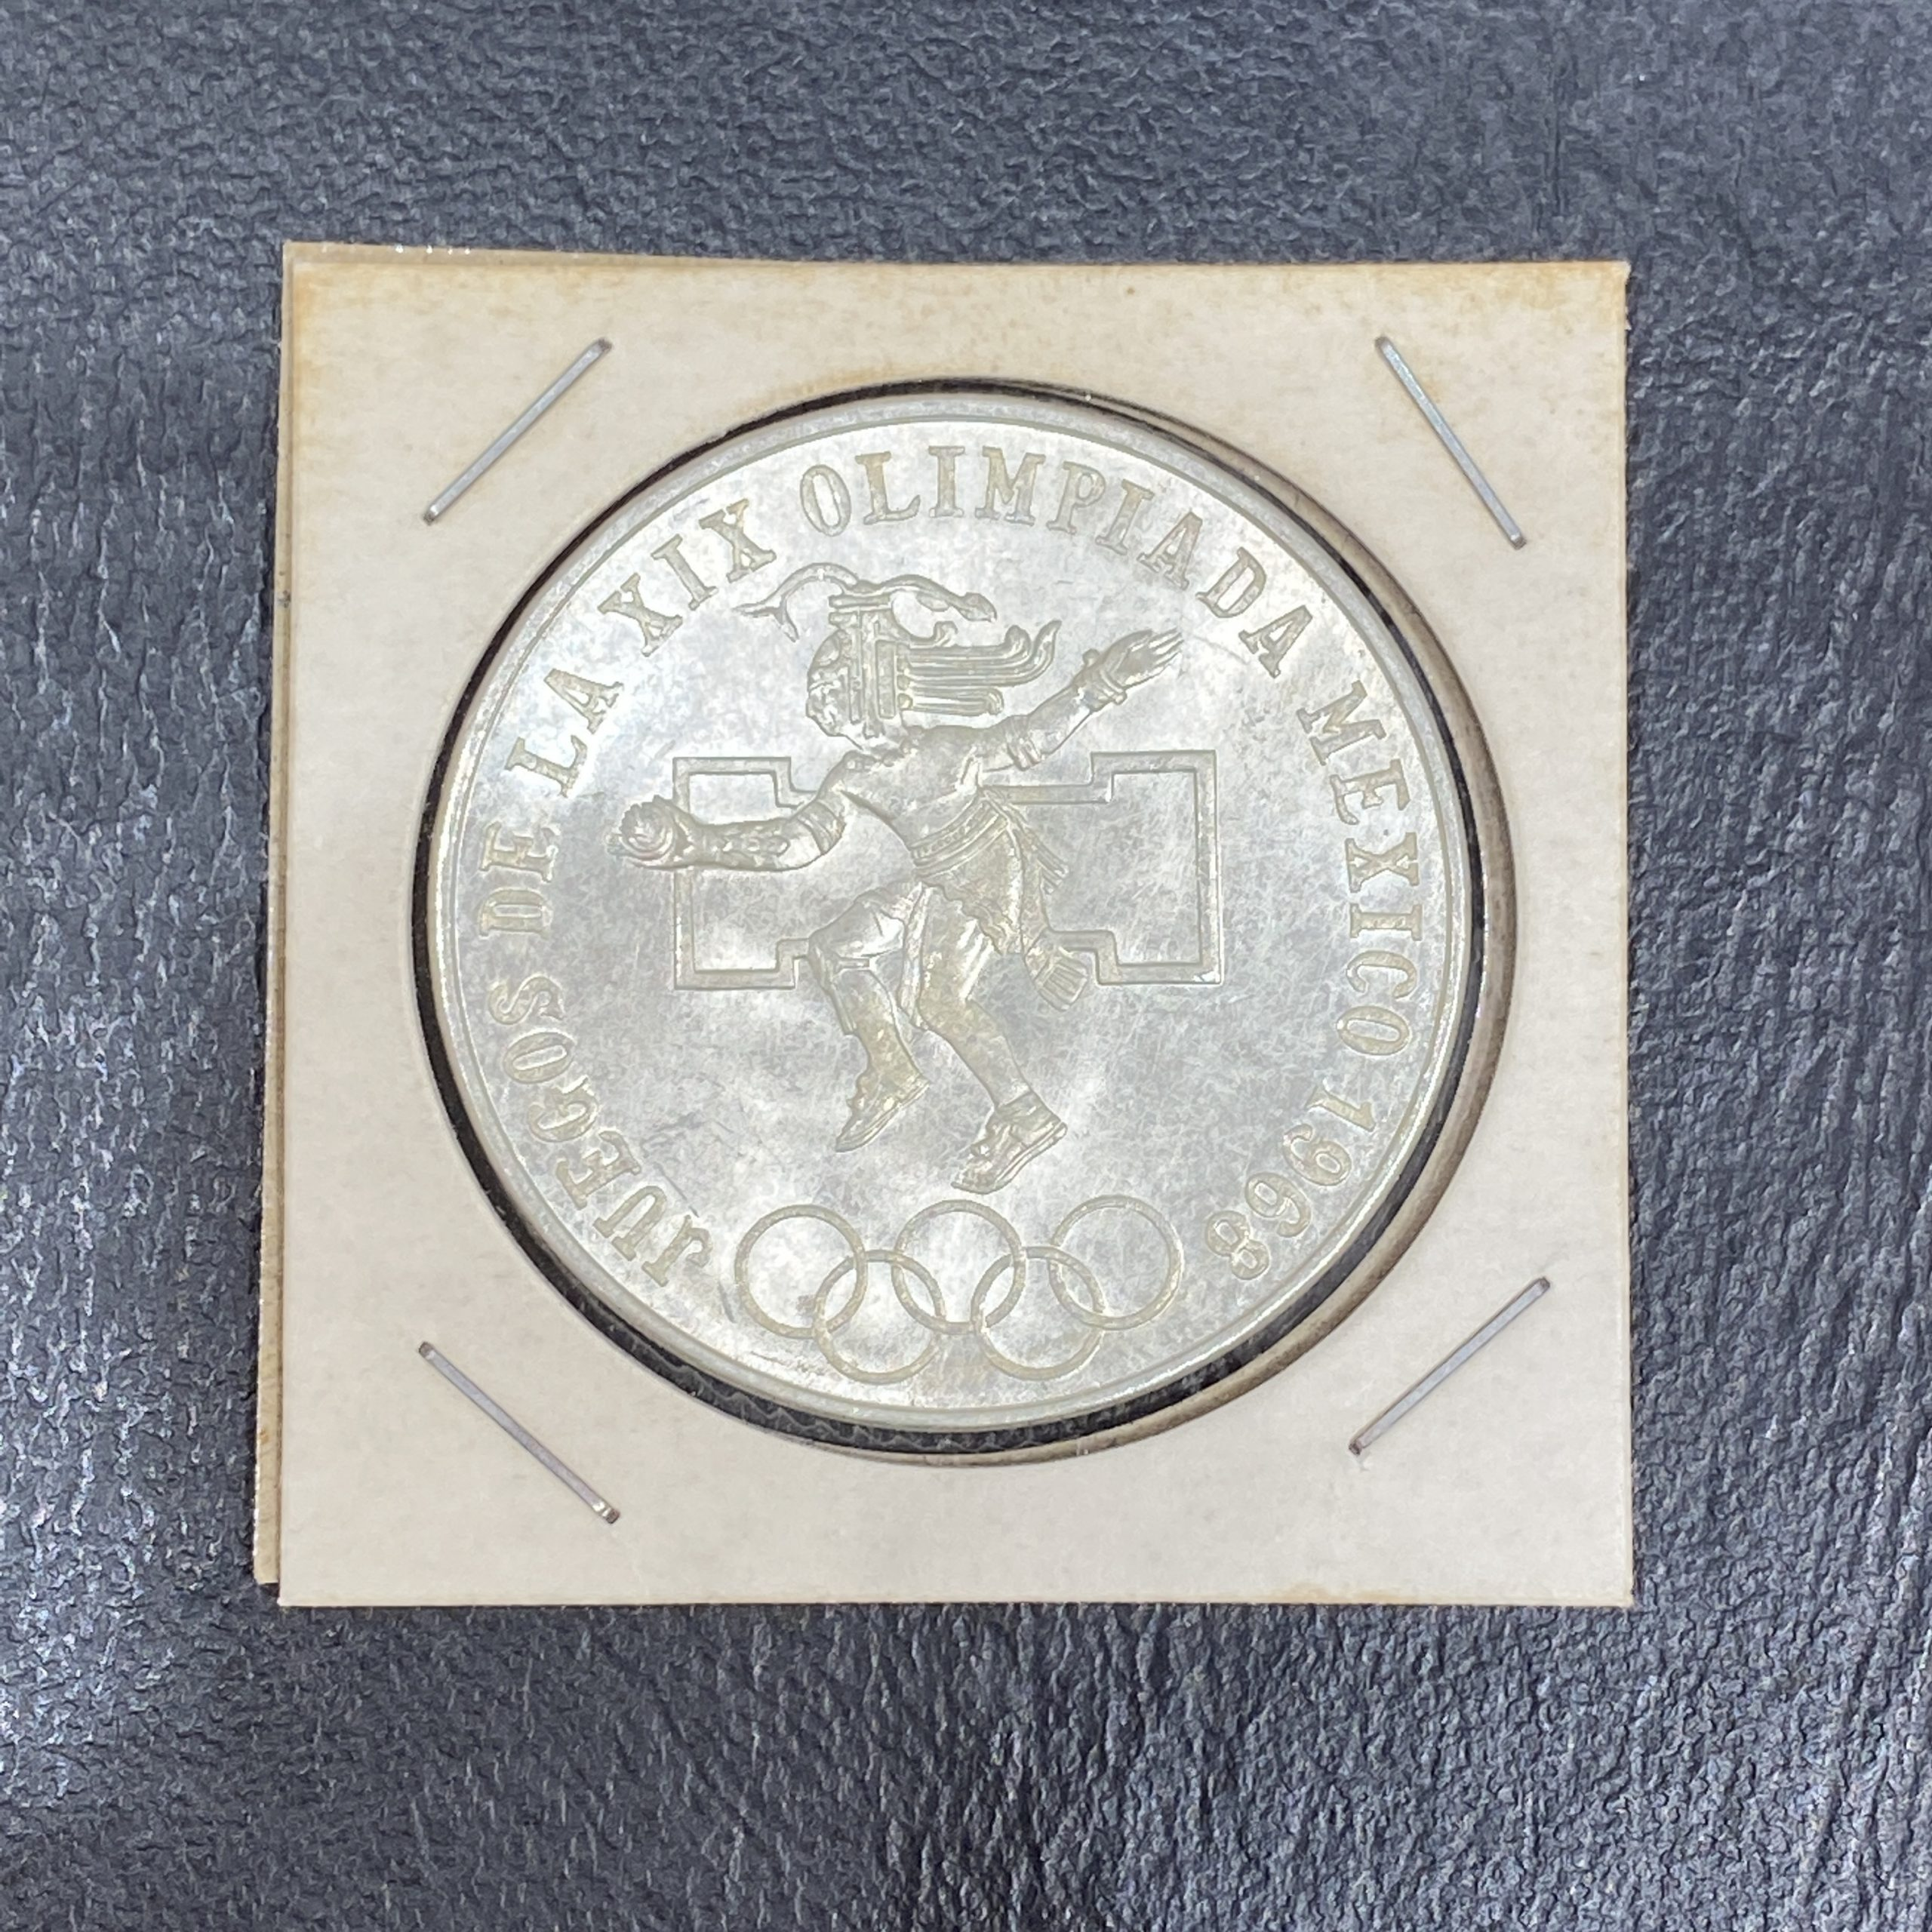 【外国古銭】メキシコ銀貨 オリンピック 1968年 25ペソ